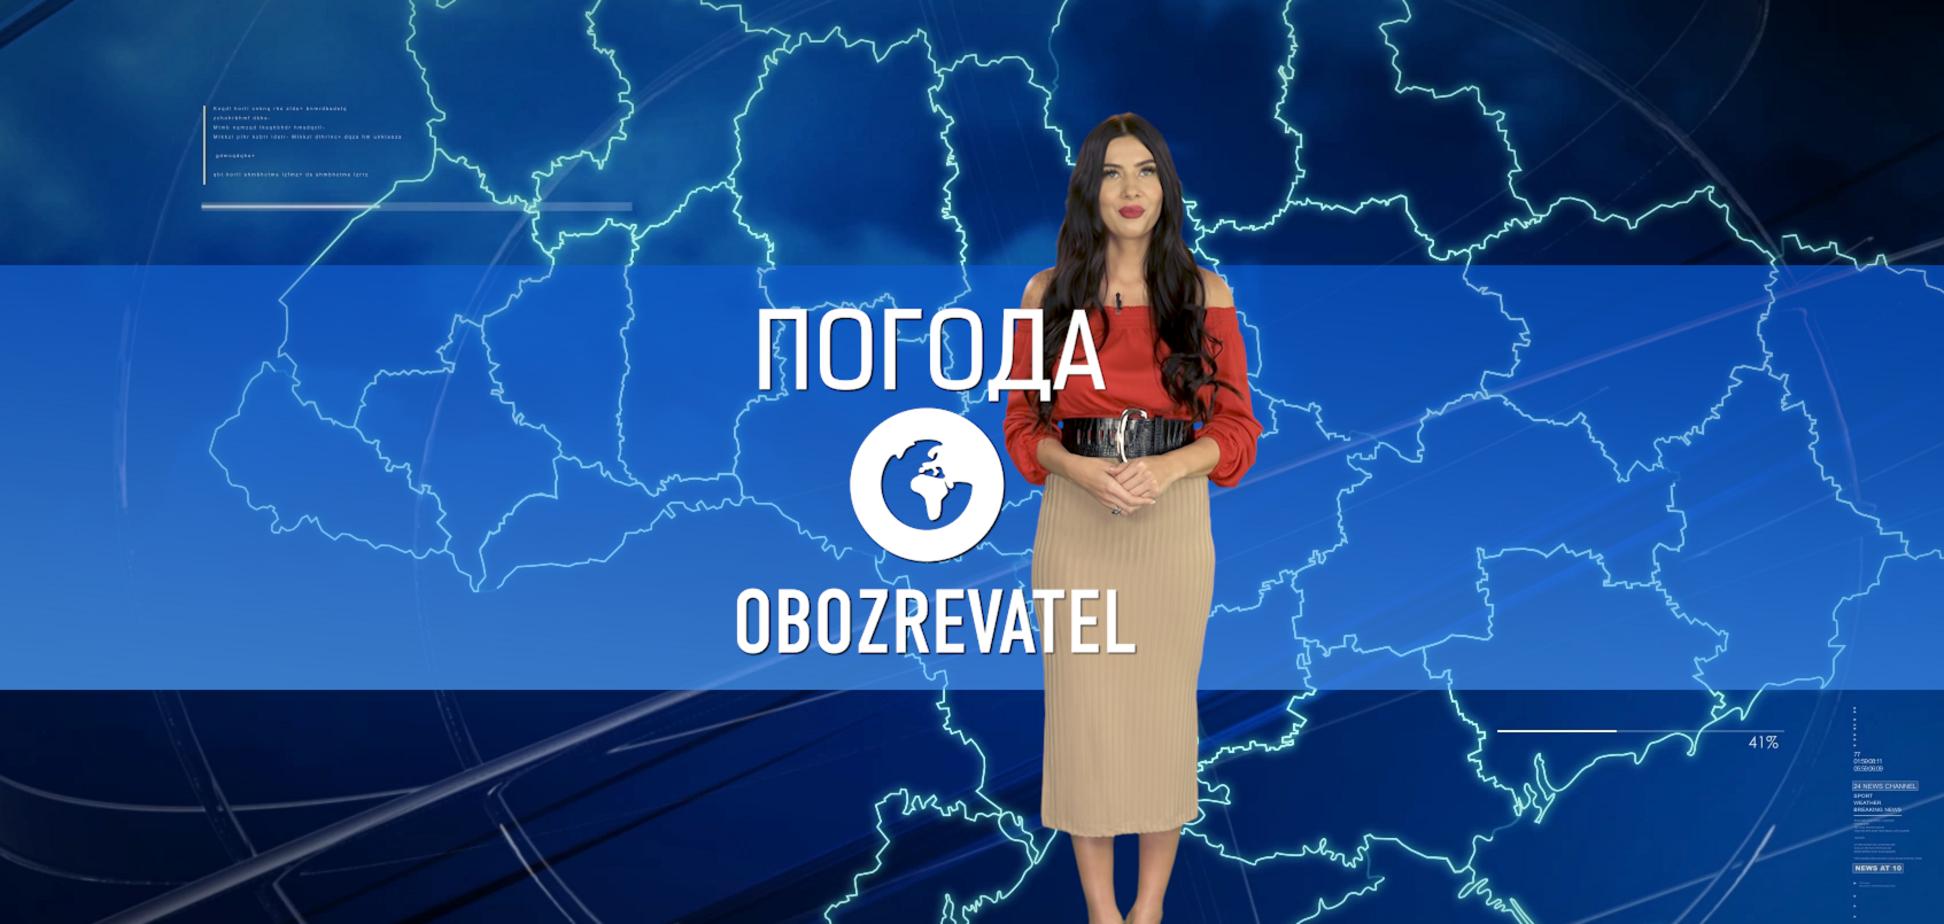 Прогноз погоды в Украине на понедельник, 11 октября, с Алисой Мярковской